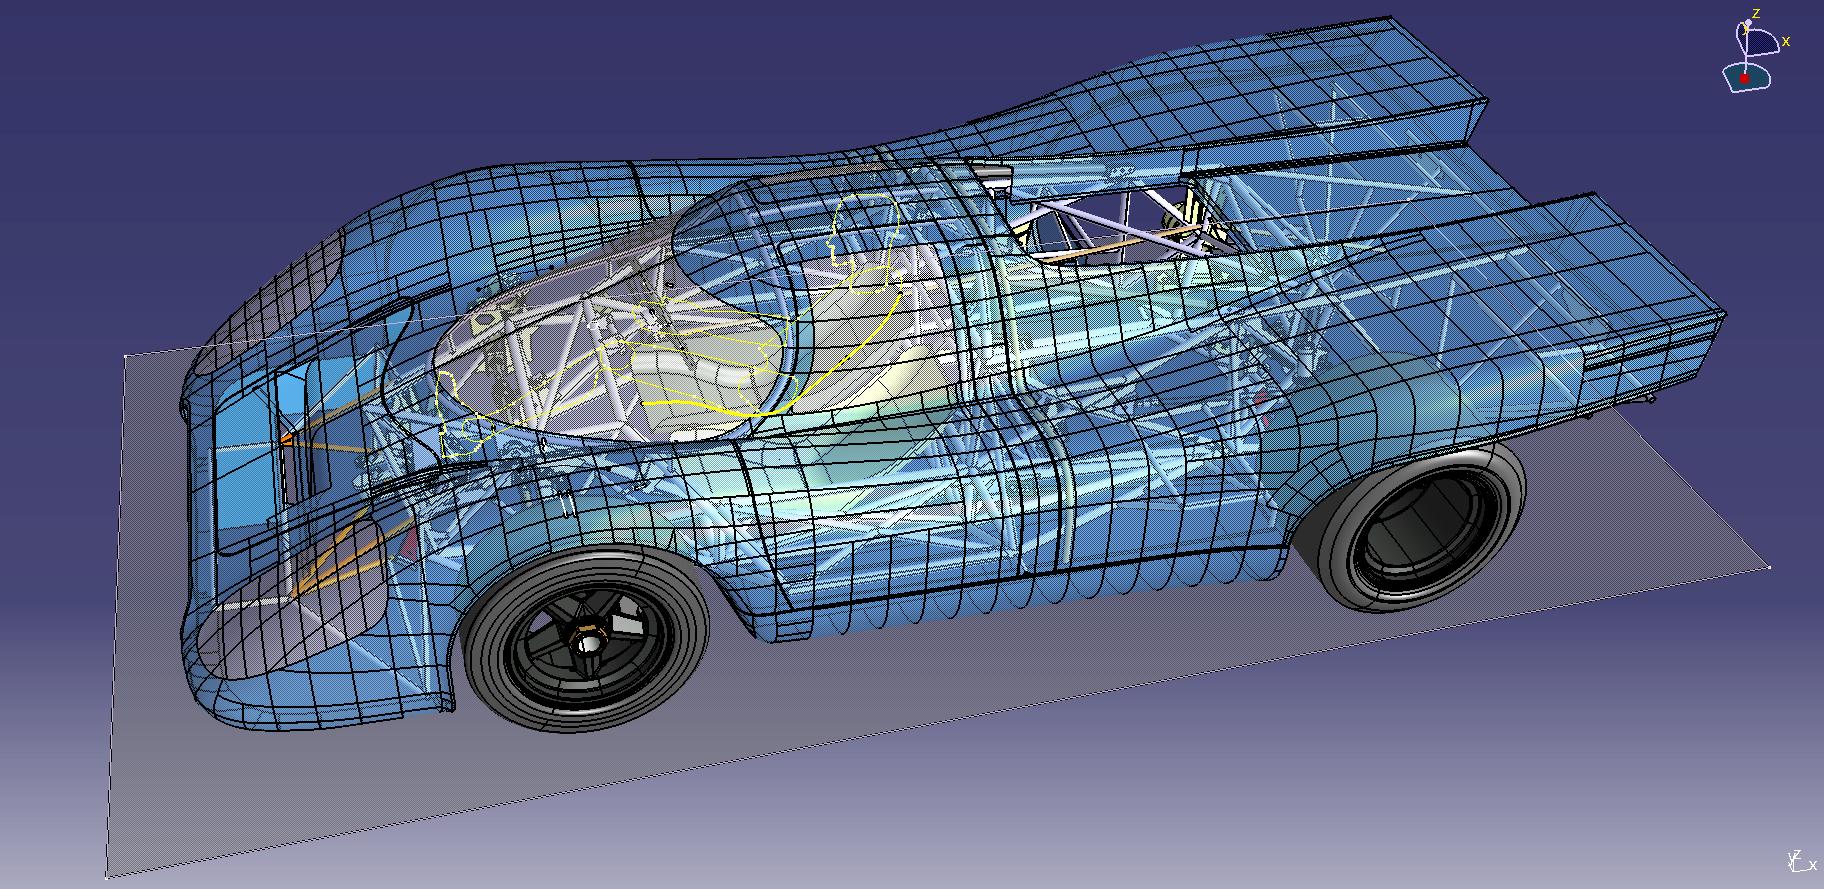 porsche_917_icon_engineering_digital.jpg